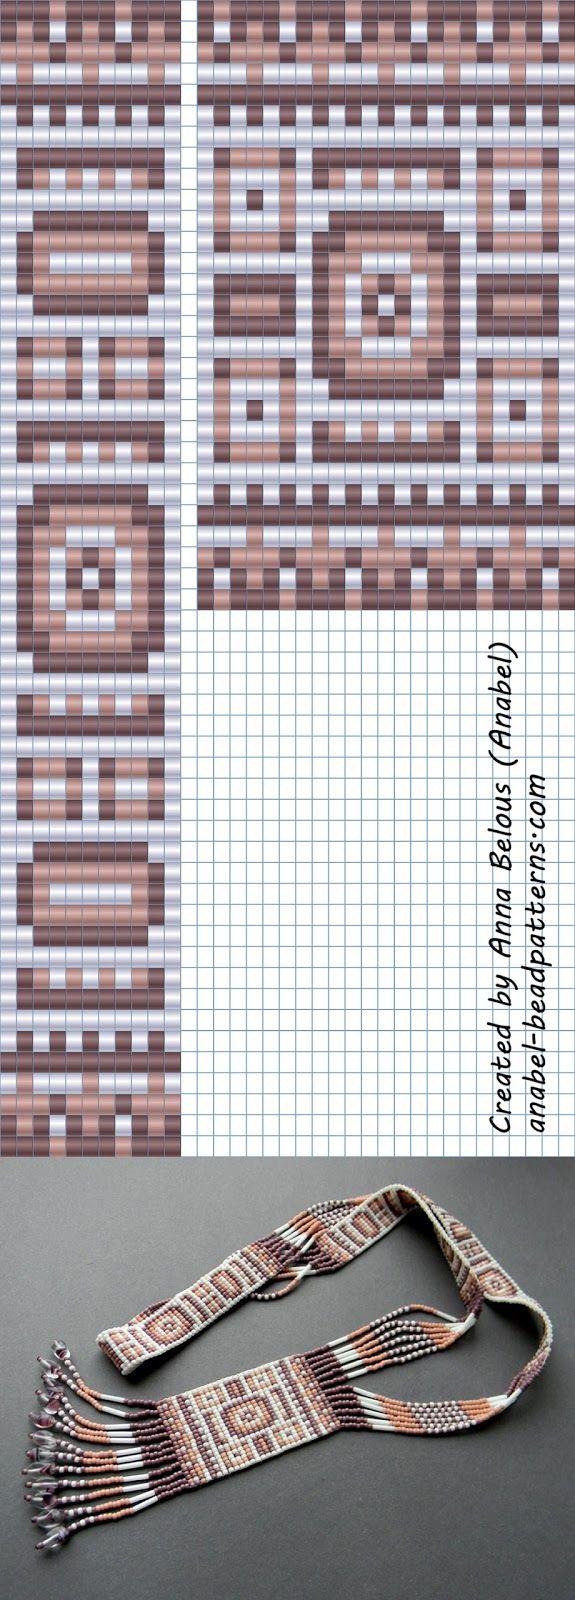 """Схема к гердану """"Начало зимы"""" - станочное ткачество / гобеленовое плетение"""